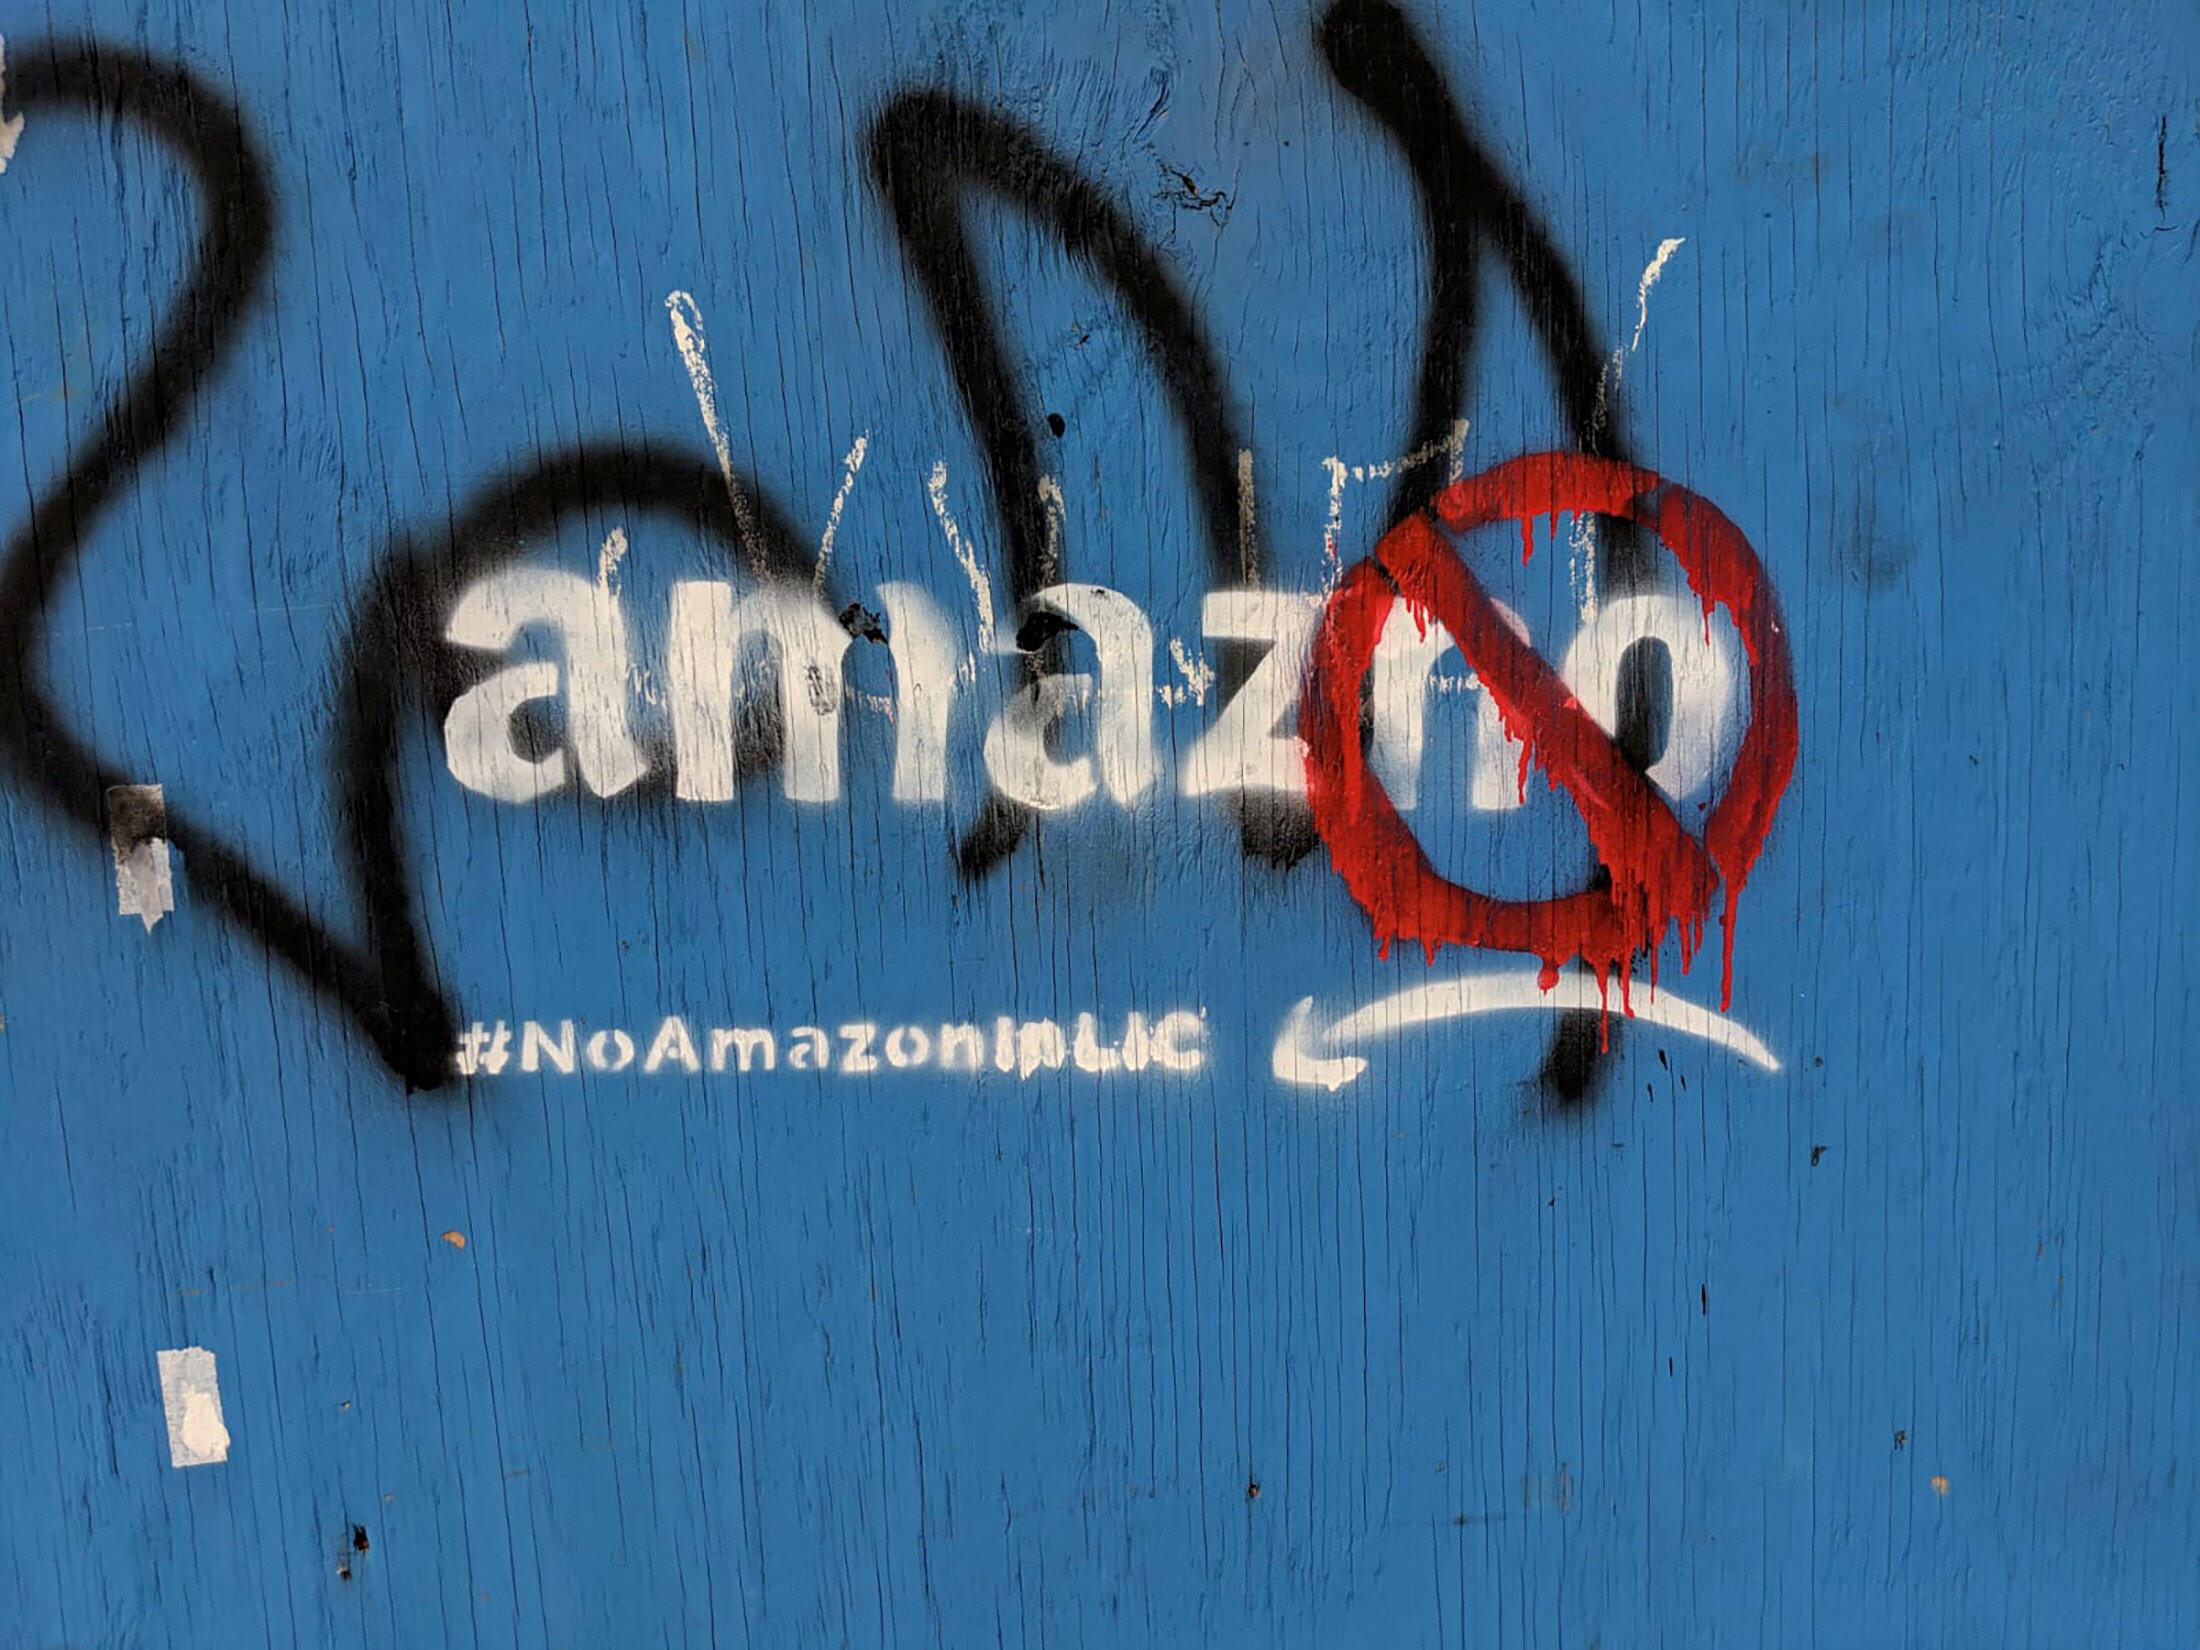 Graffiti contra Amazon en el barrio de Long Island City en New York, Estados Unidos, el 5 de diciembre de 2018.